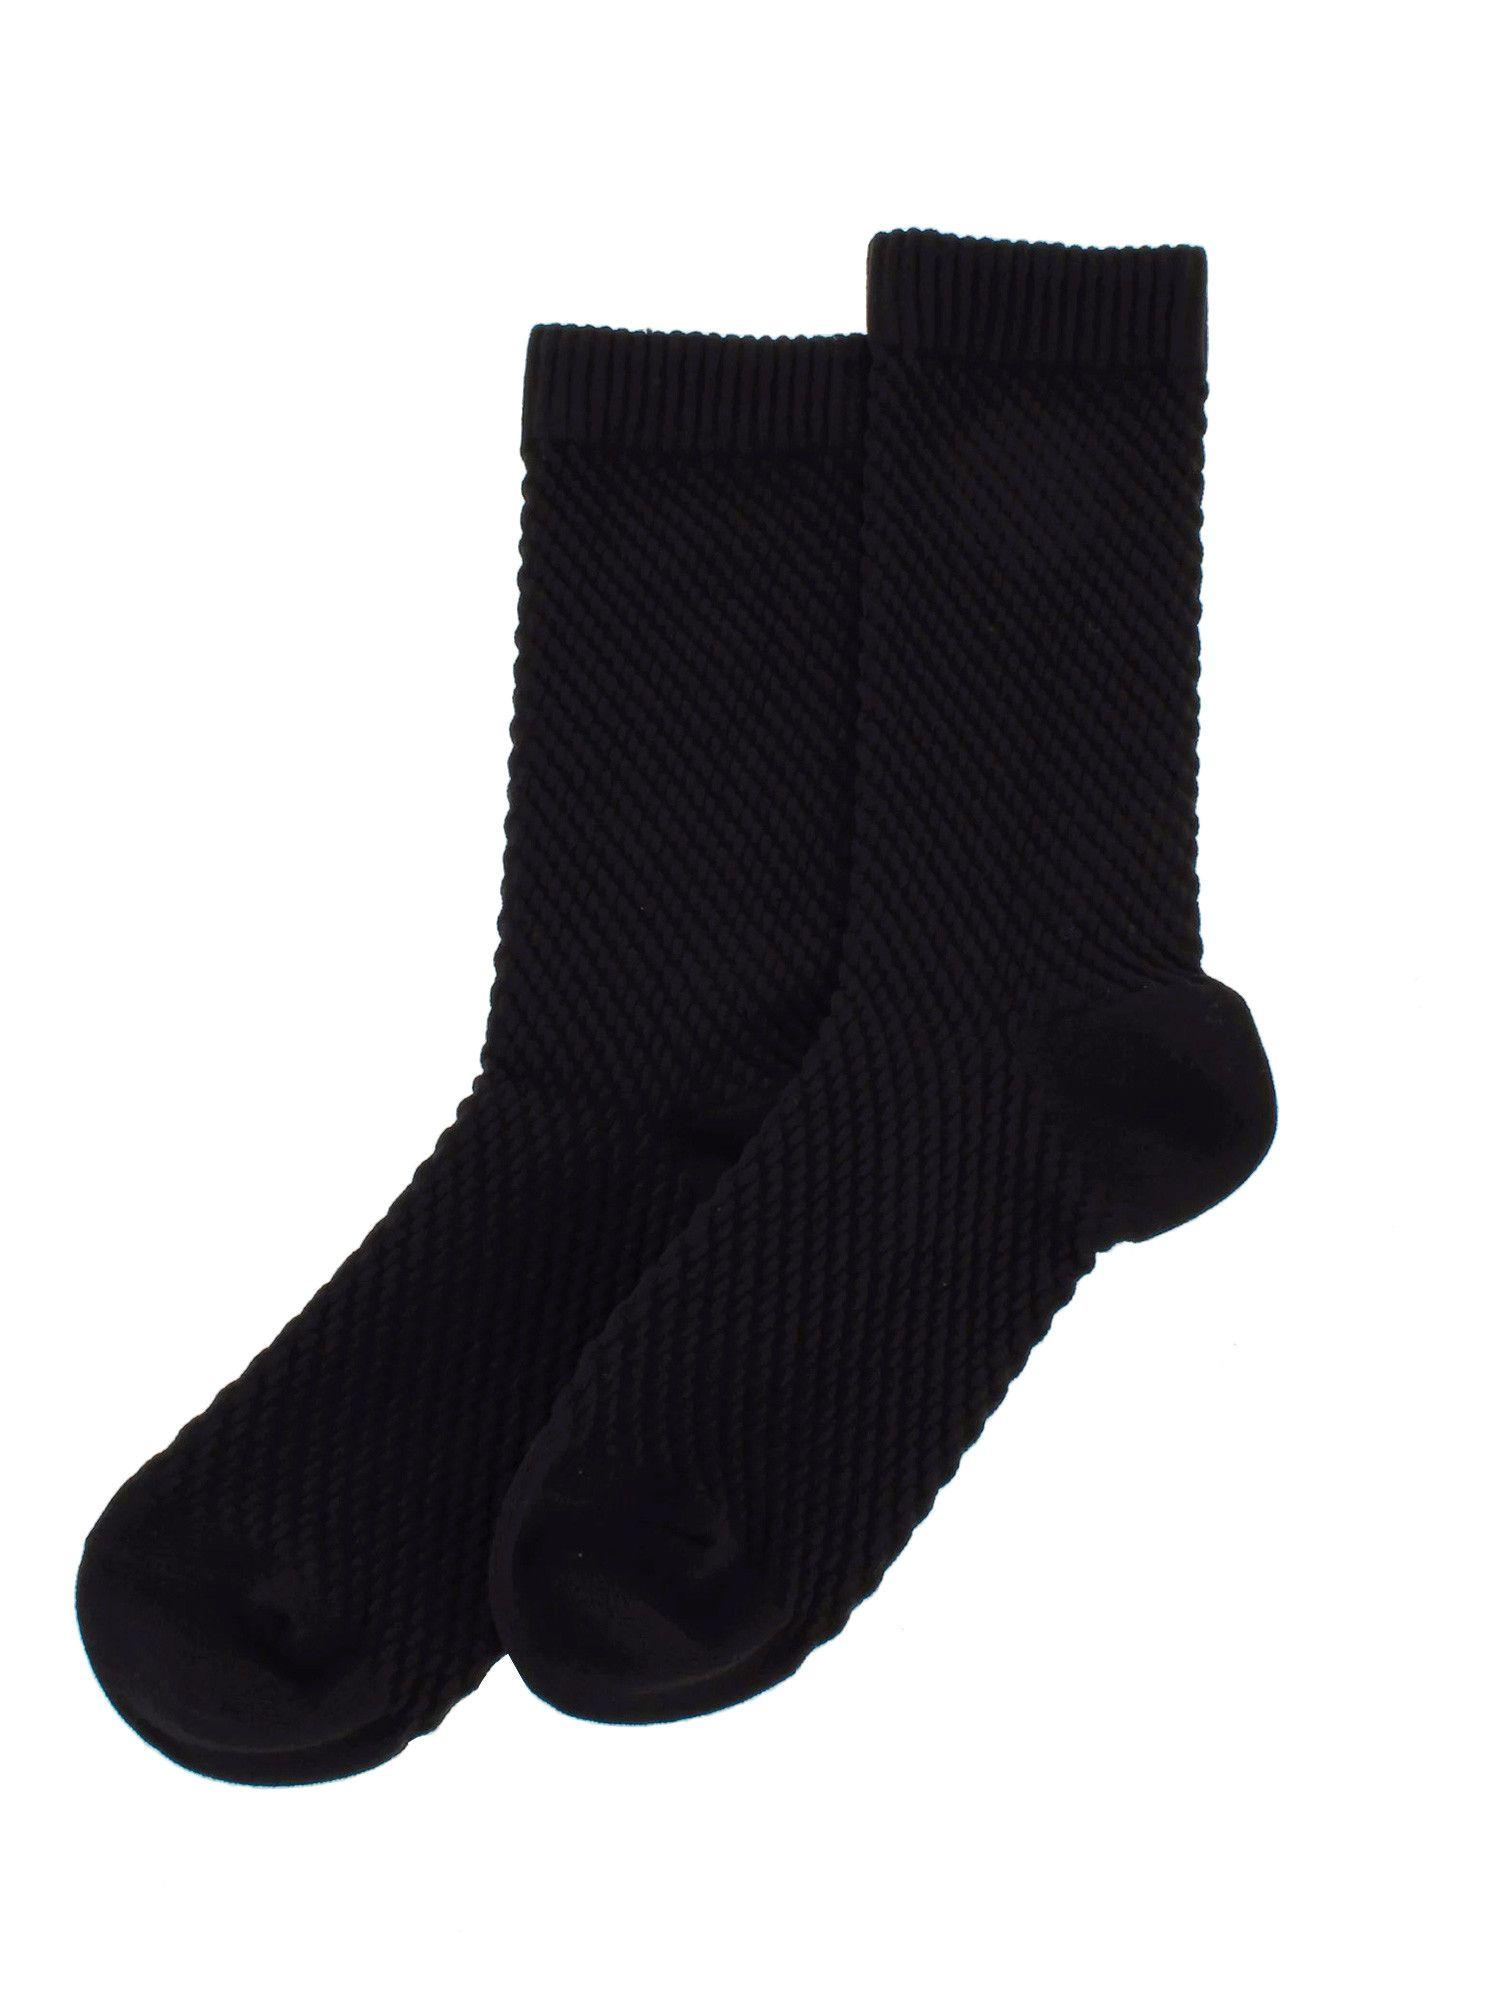 冷缩电缆袜子